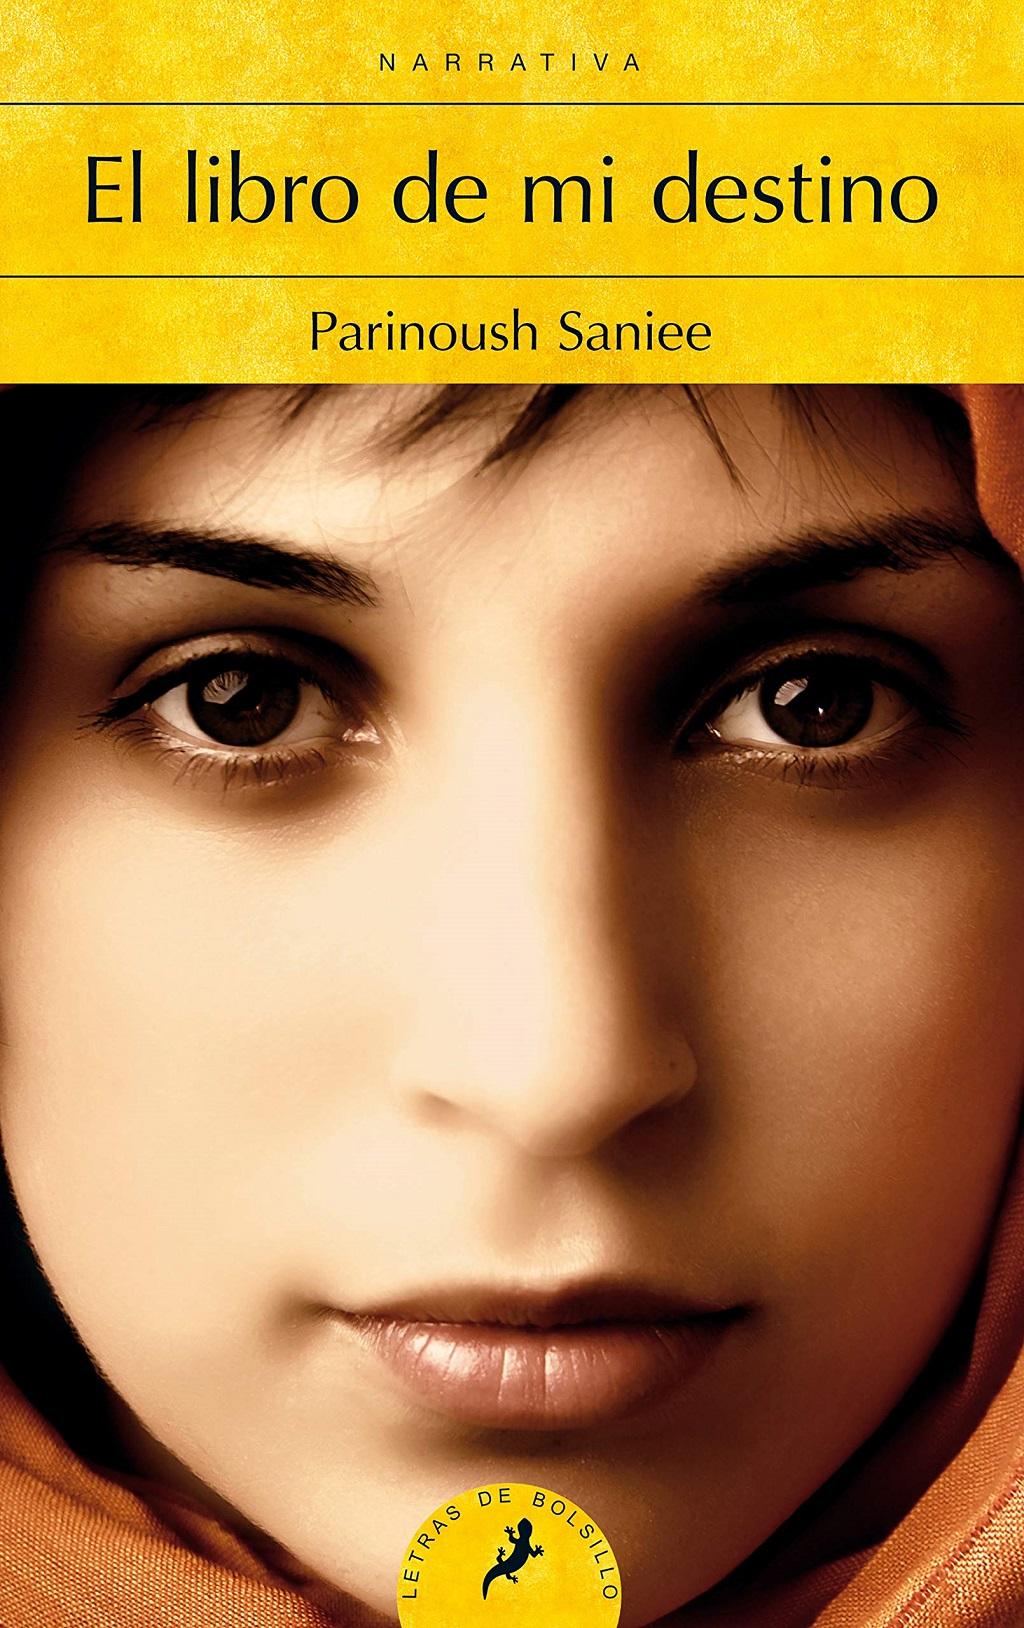 el libro de mi destino Parinoush Saniee